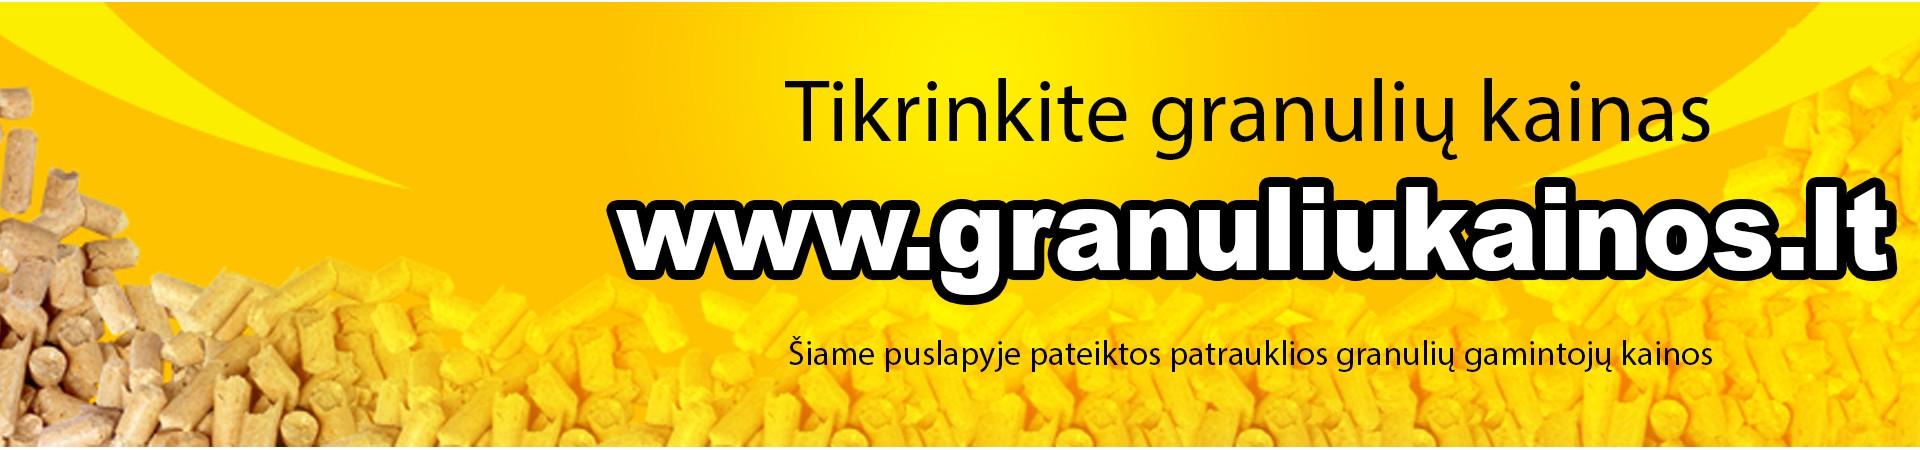 Granuliniai katilai ir granulių kaina